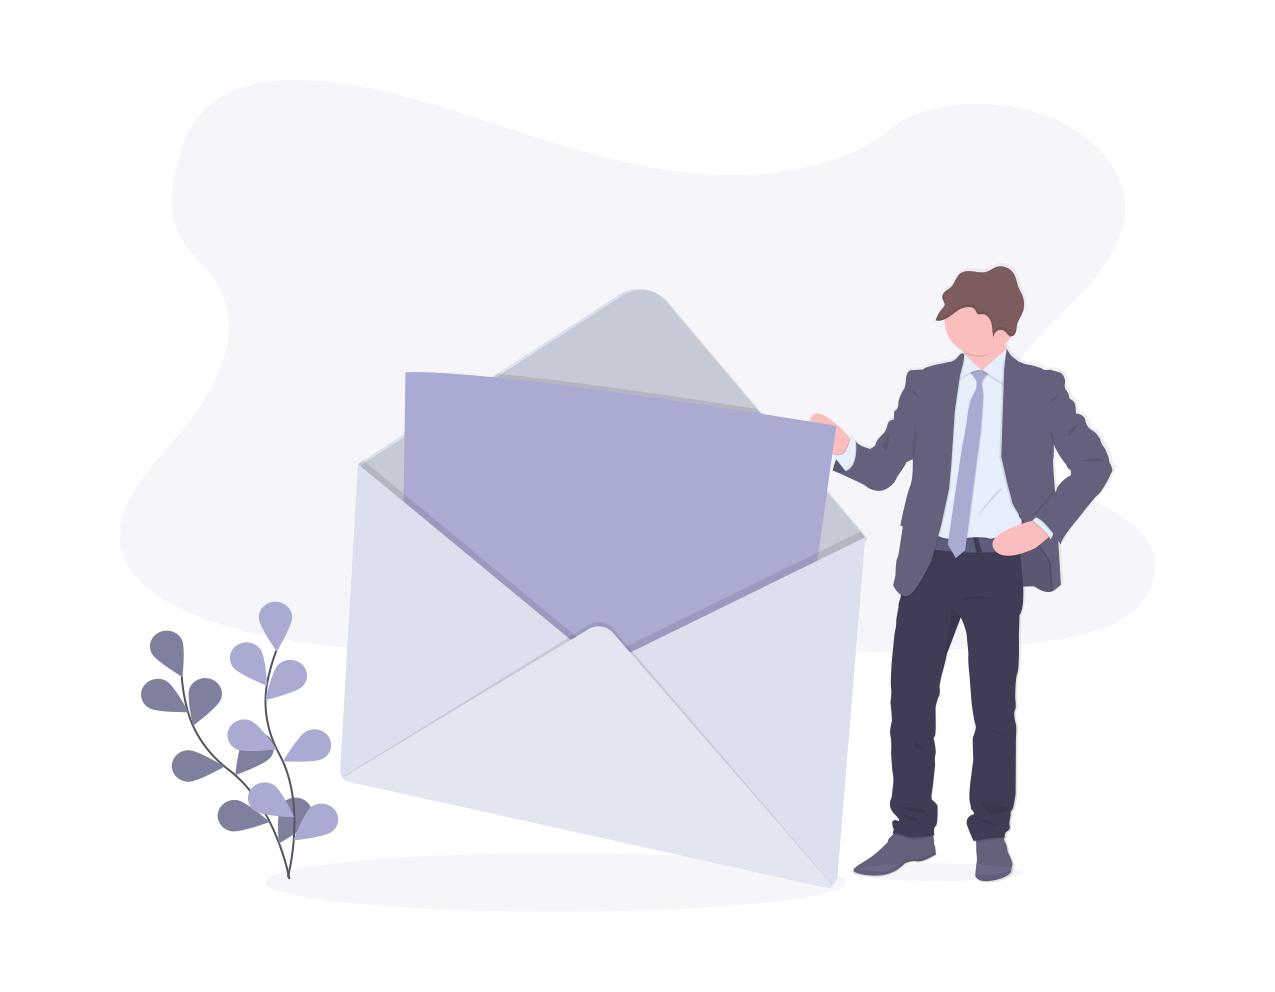 【2021年版】確定申告を郵送で送るときに必要書類一覧と封筒の書き方をまとめ